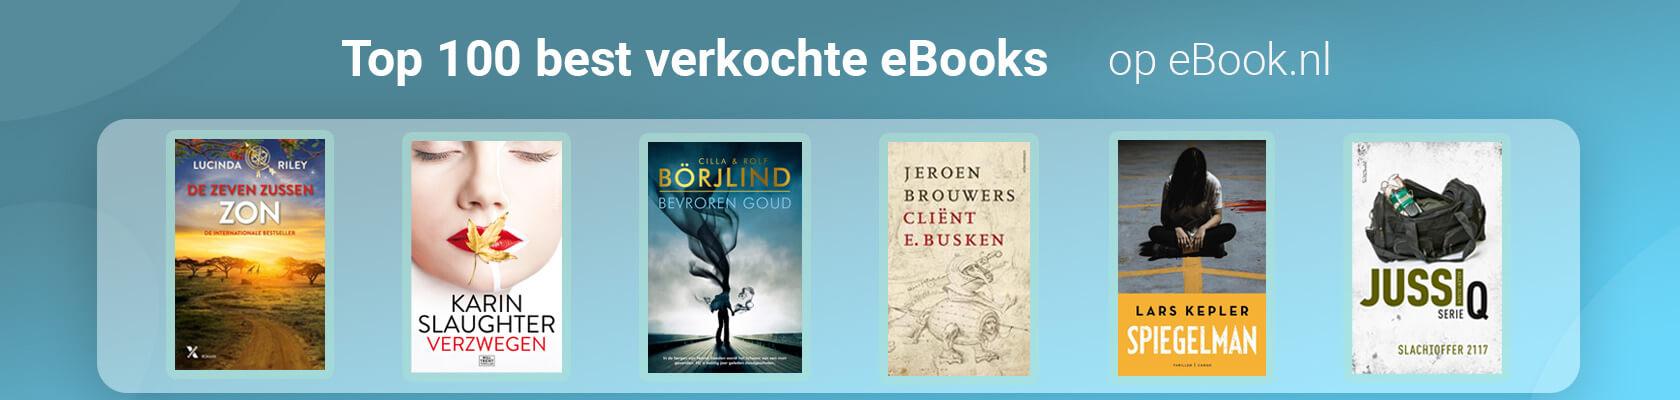 Meer dan 400 bestseller e-books voor €4,99